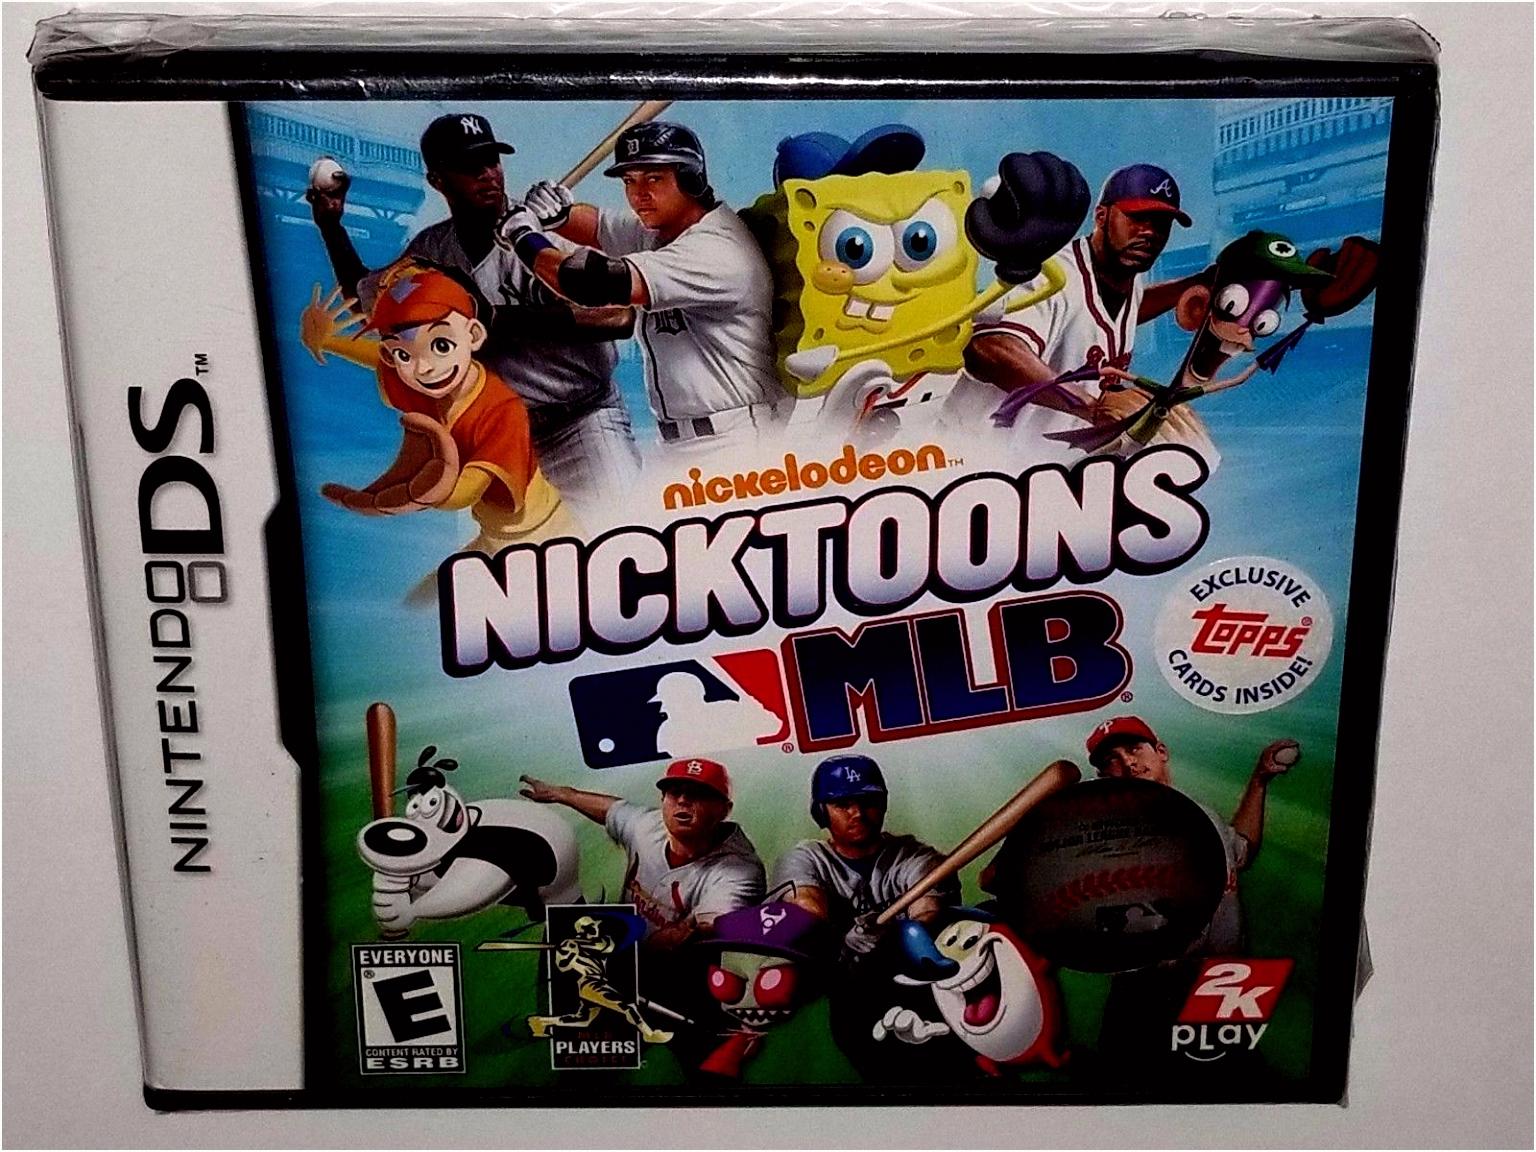 Nicktoons MLB Nintendo DS 2011